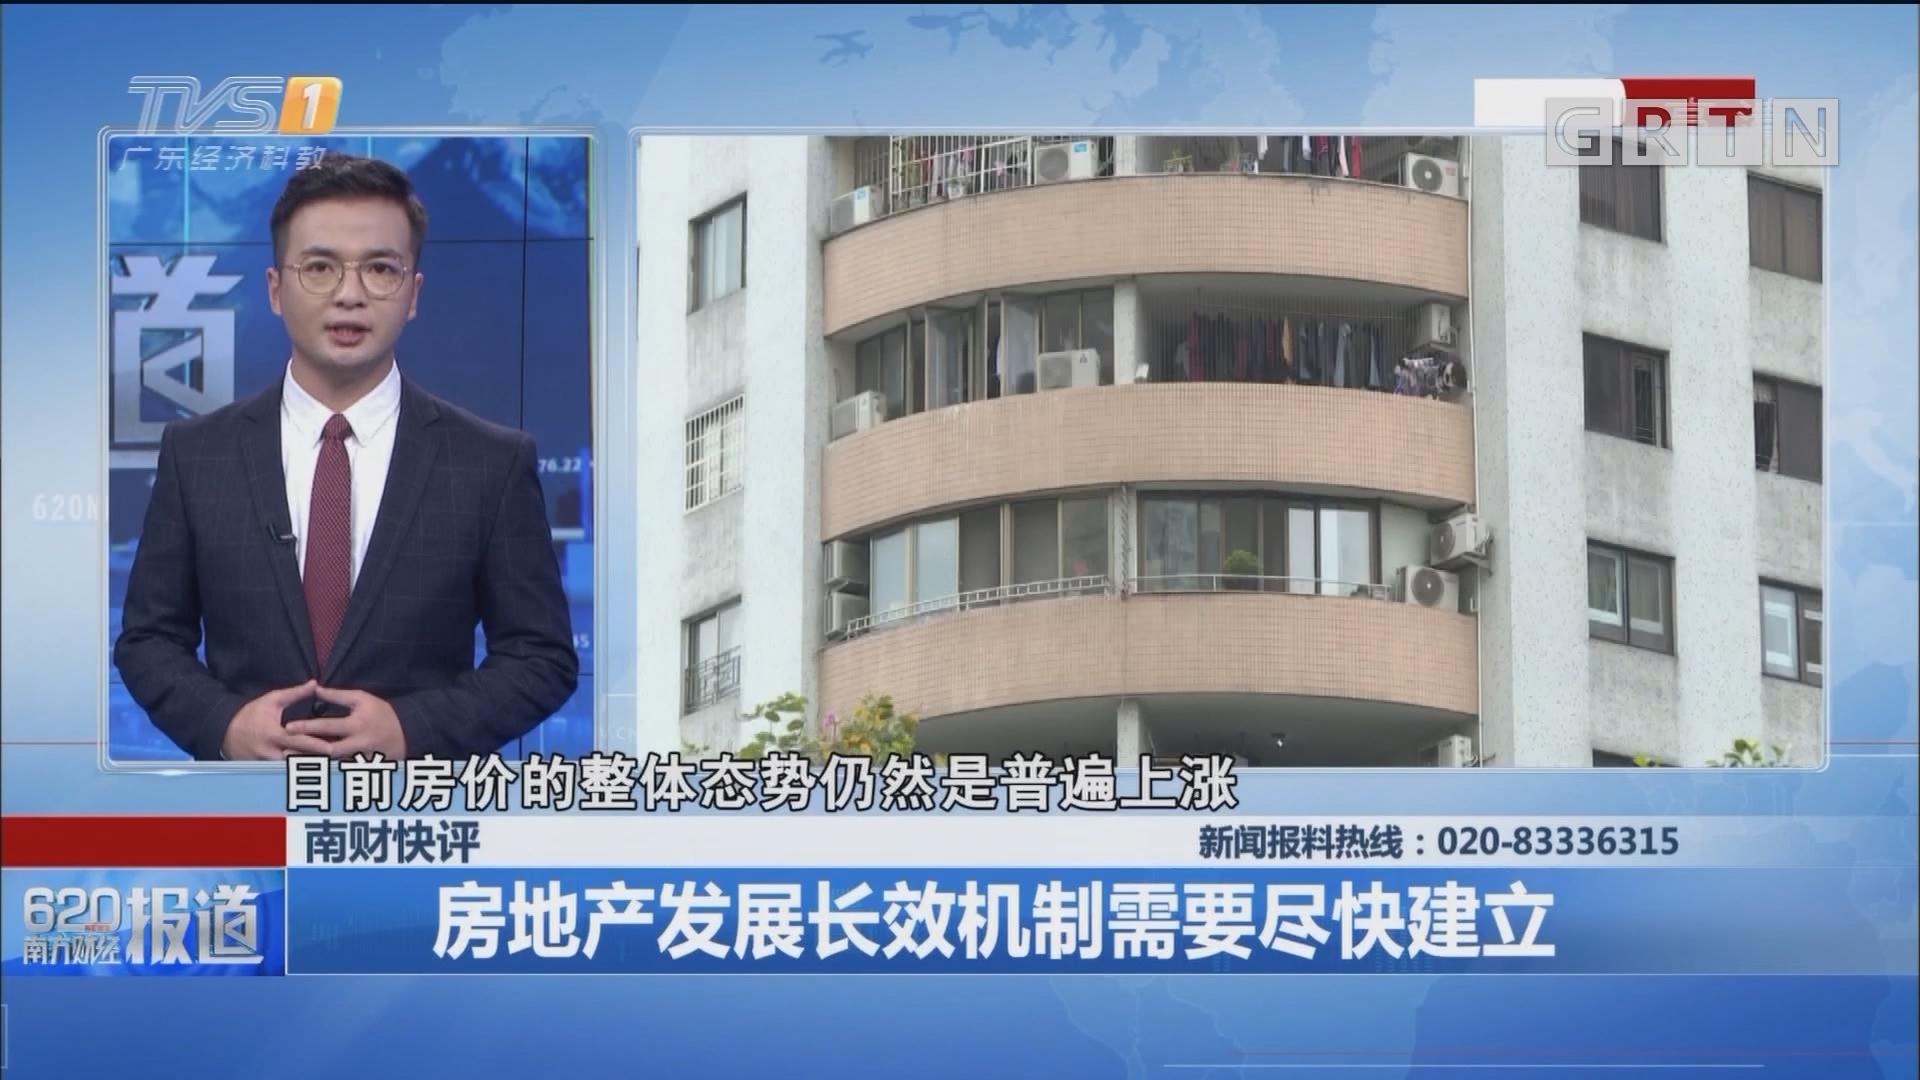 南财快评:房地产发展长效机制需要尽快建立